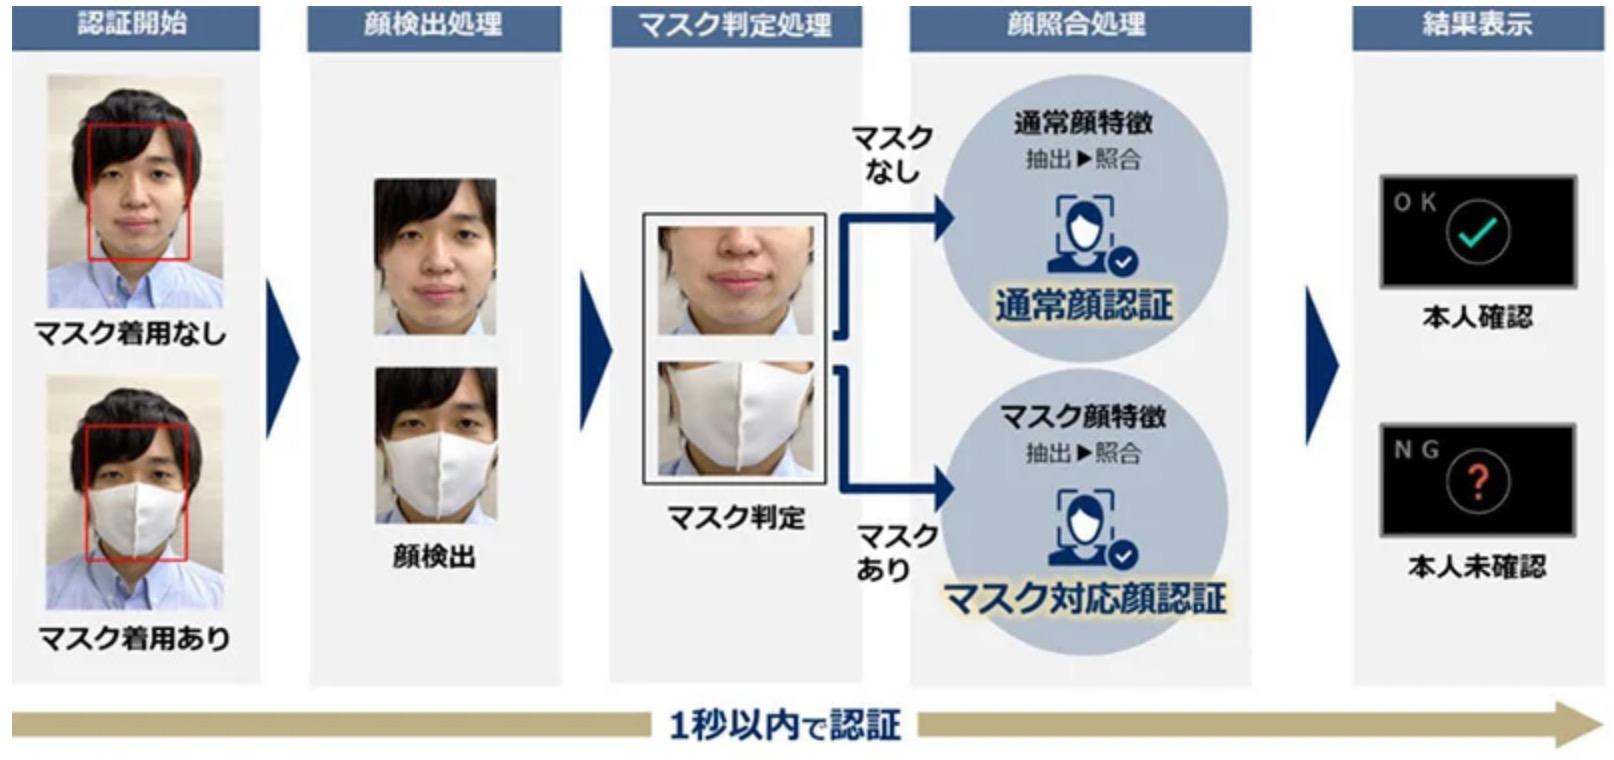 NEC公布眼部特征识别技术